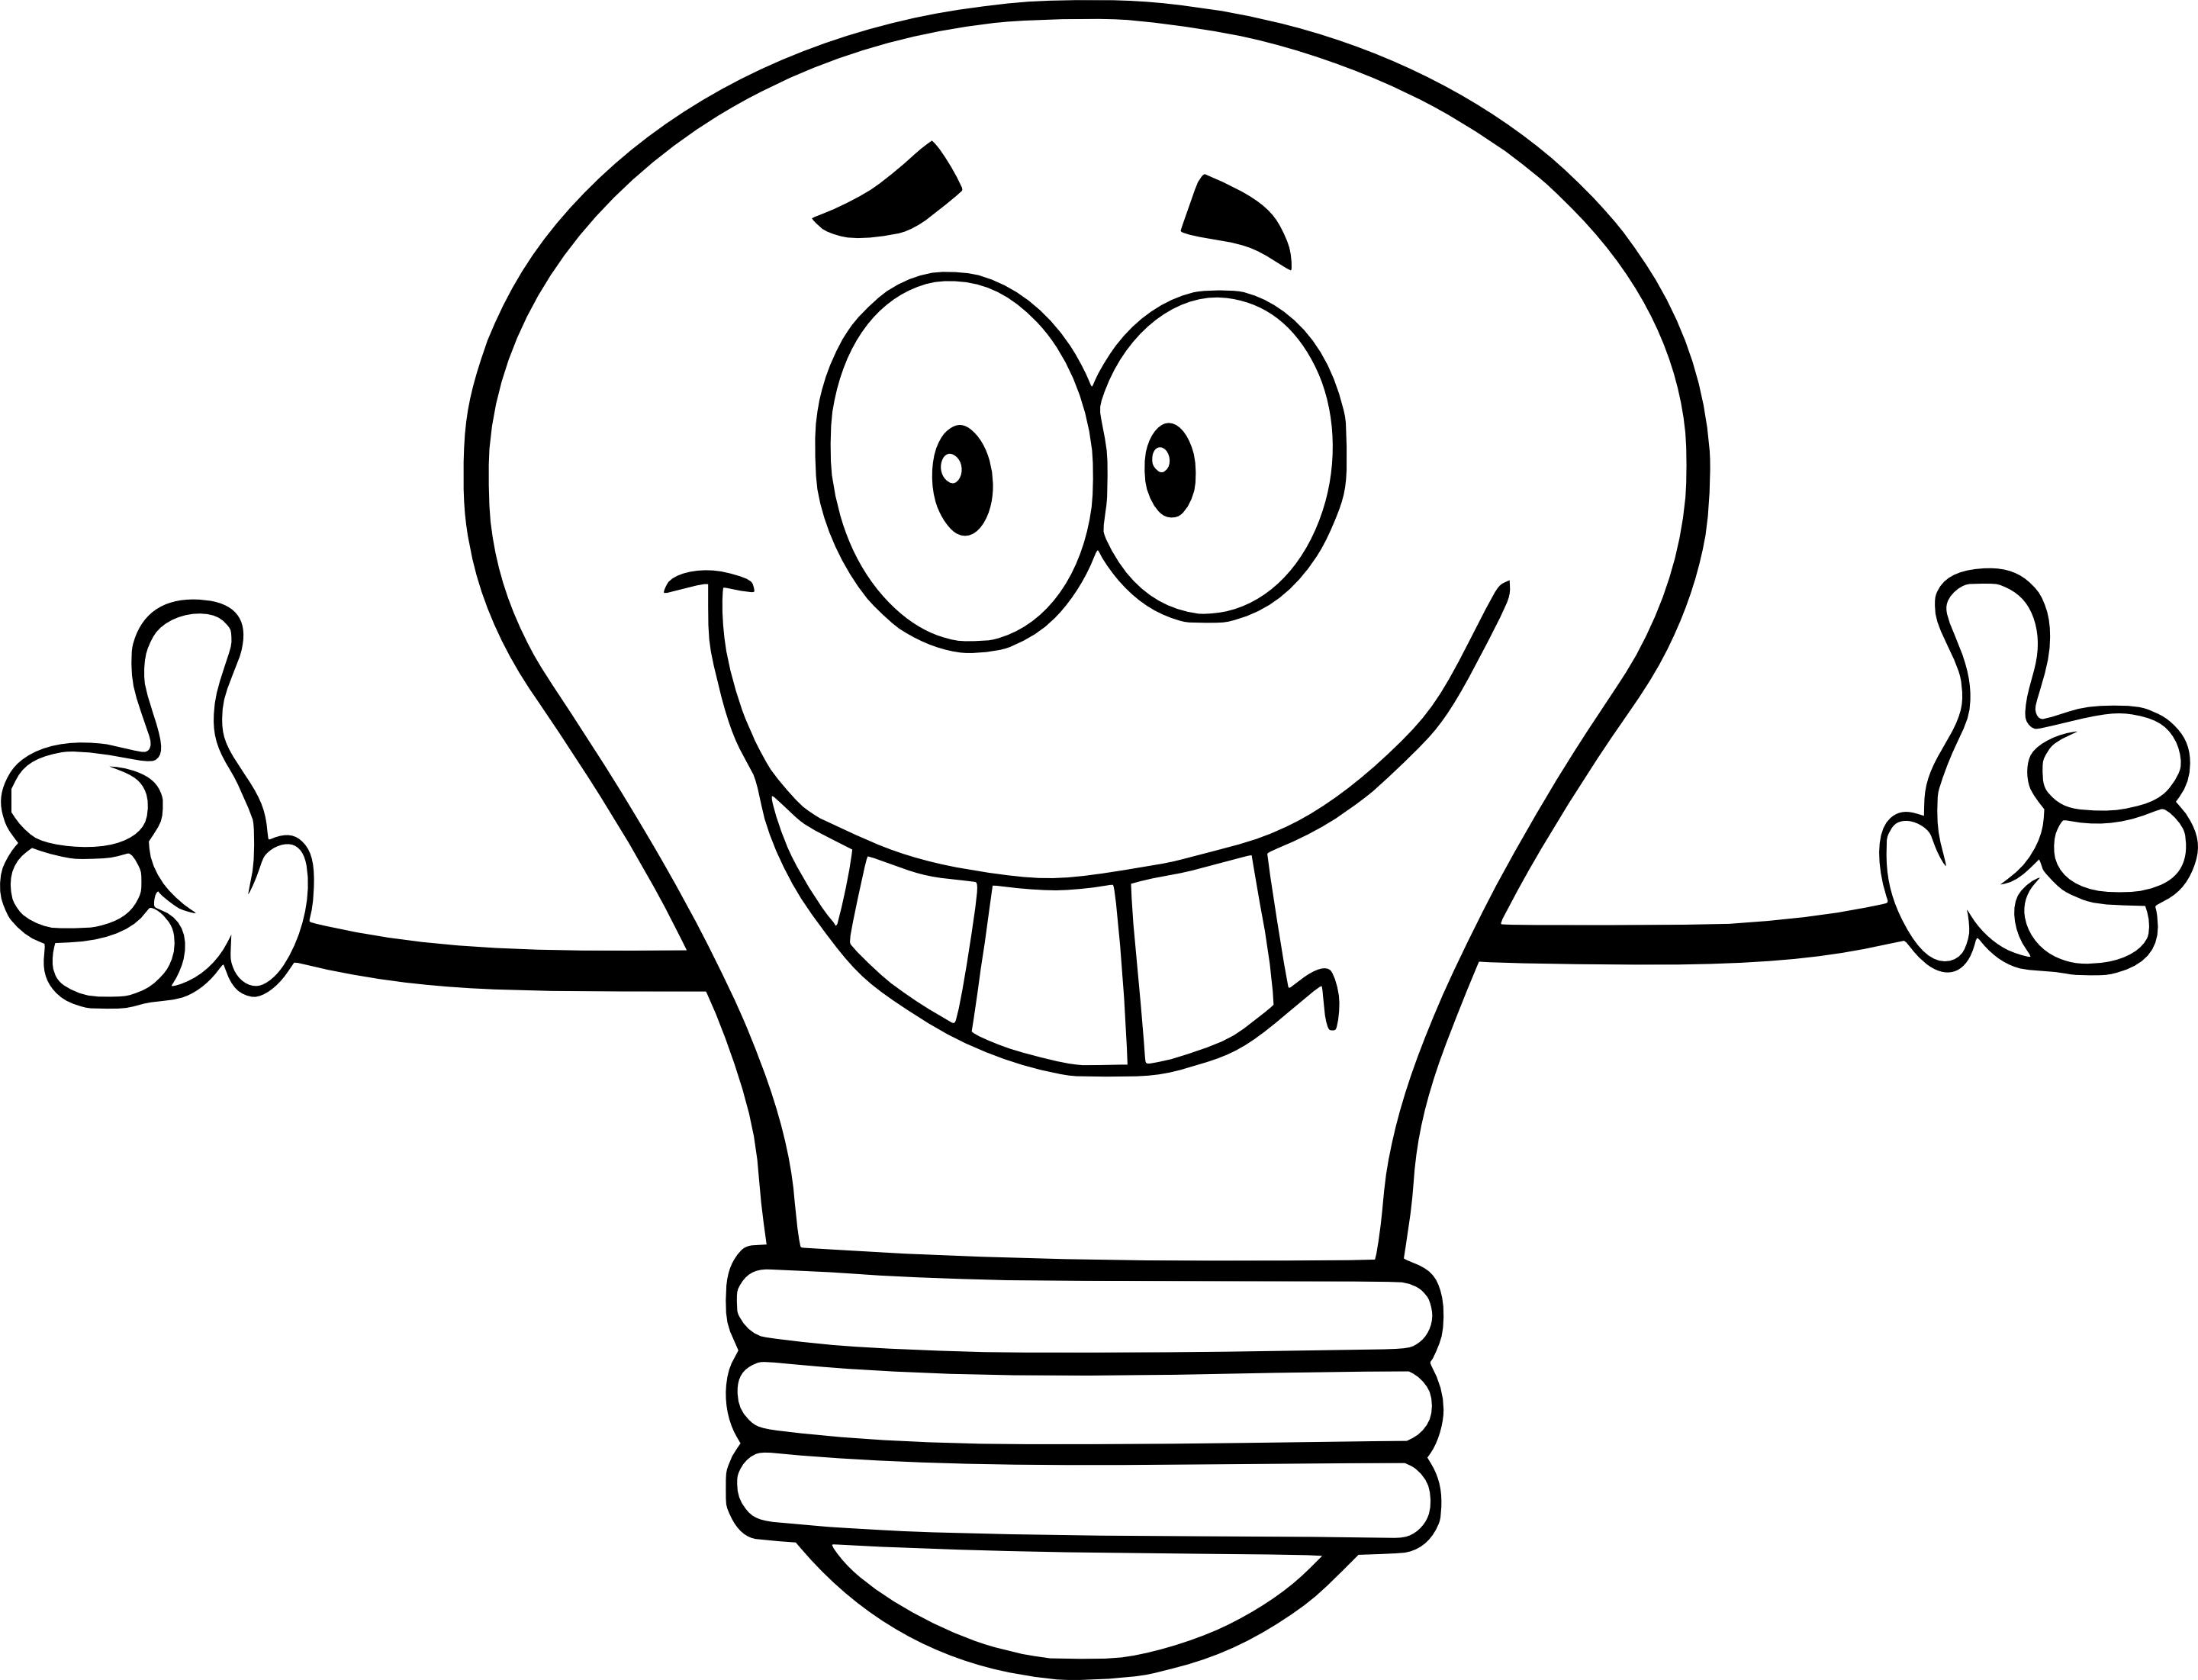 Résultats de recherche d'images pour «image ampoule dessin»